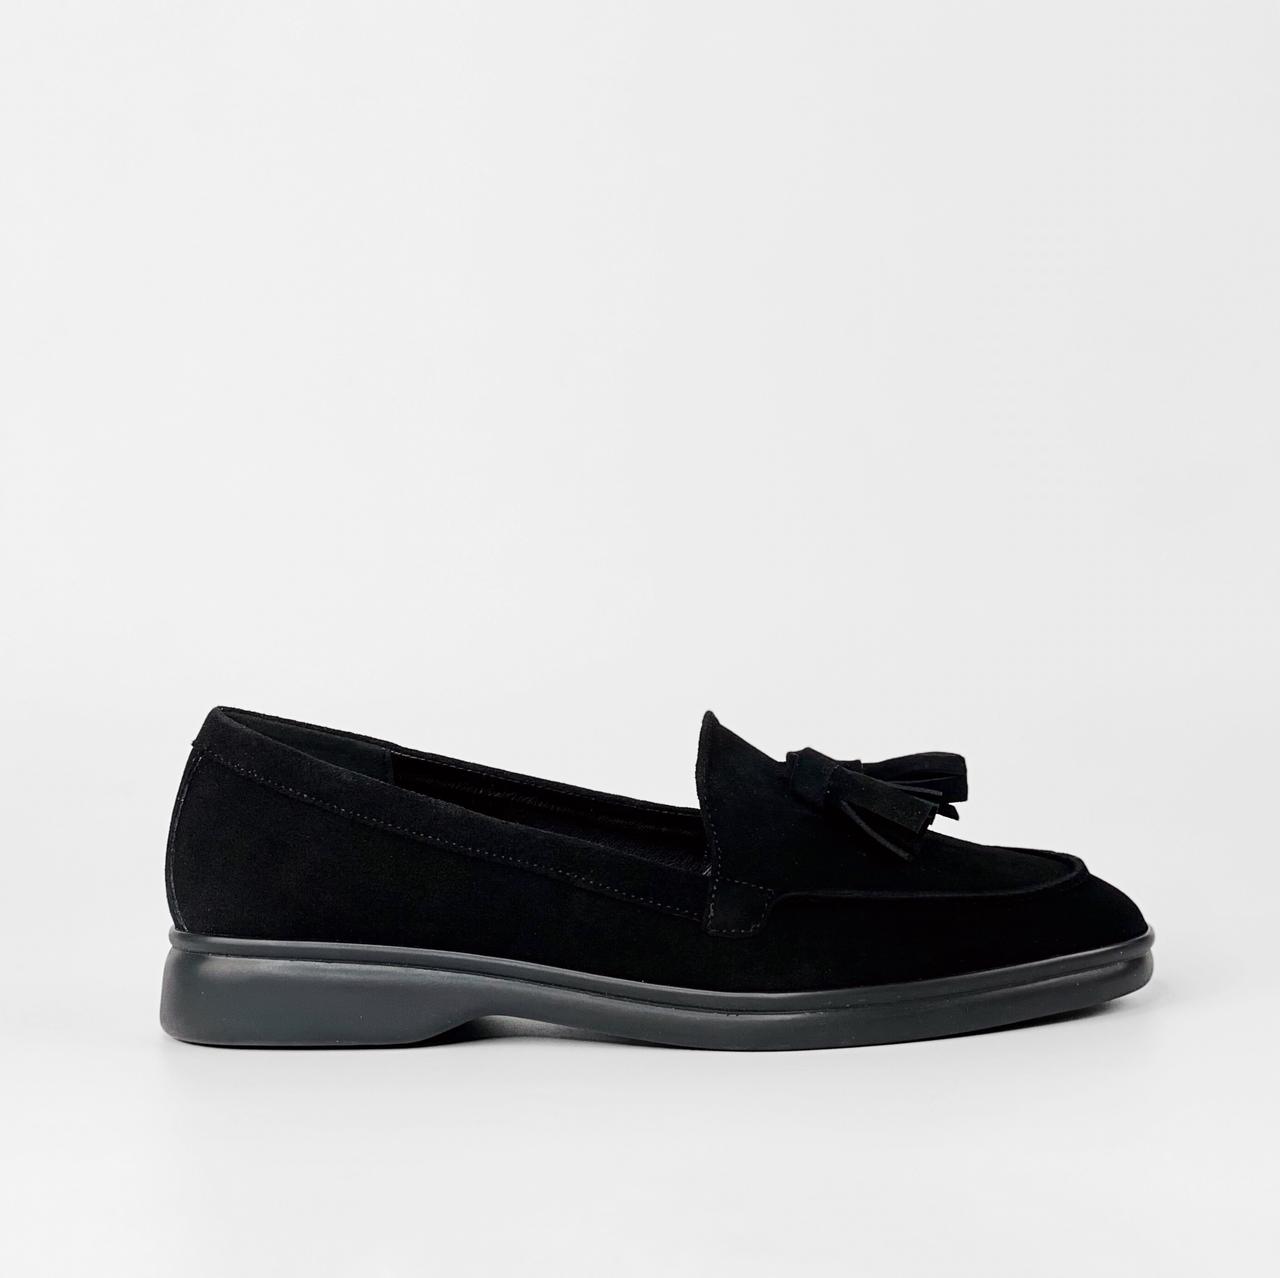 Лоферы женские замшевые черные с кисточками MORENTO